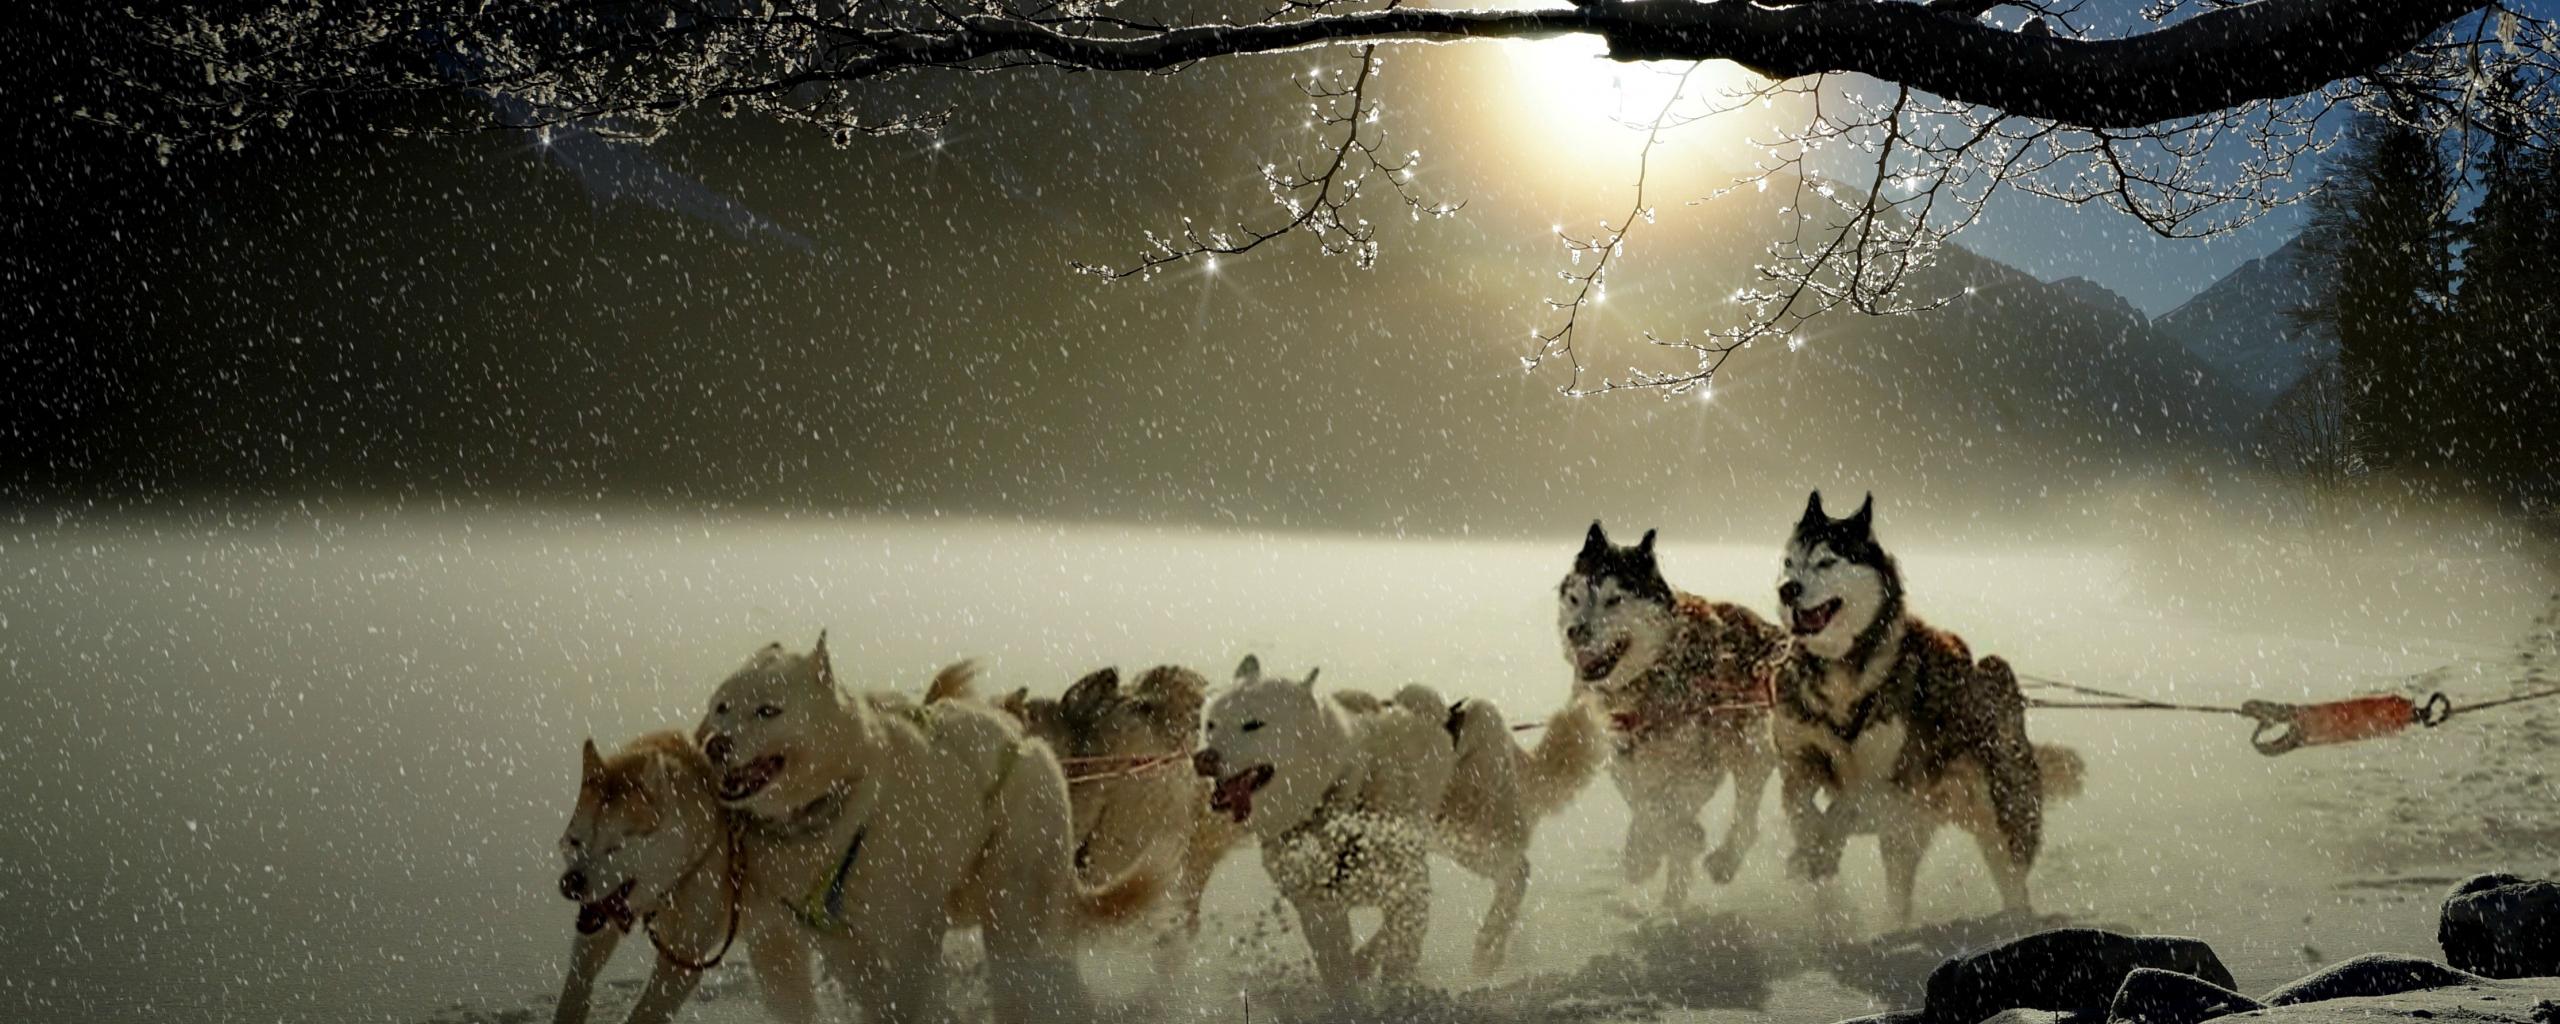 Dogs, run, winter, outdoor, 2560x1024 wallpaper